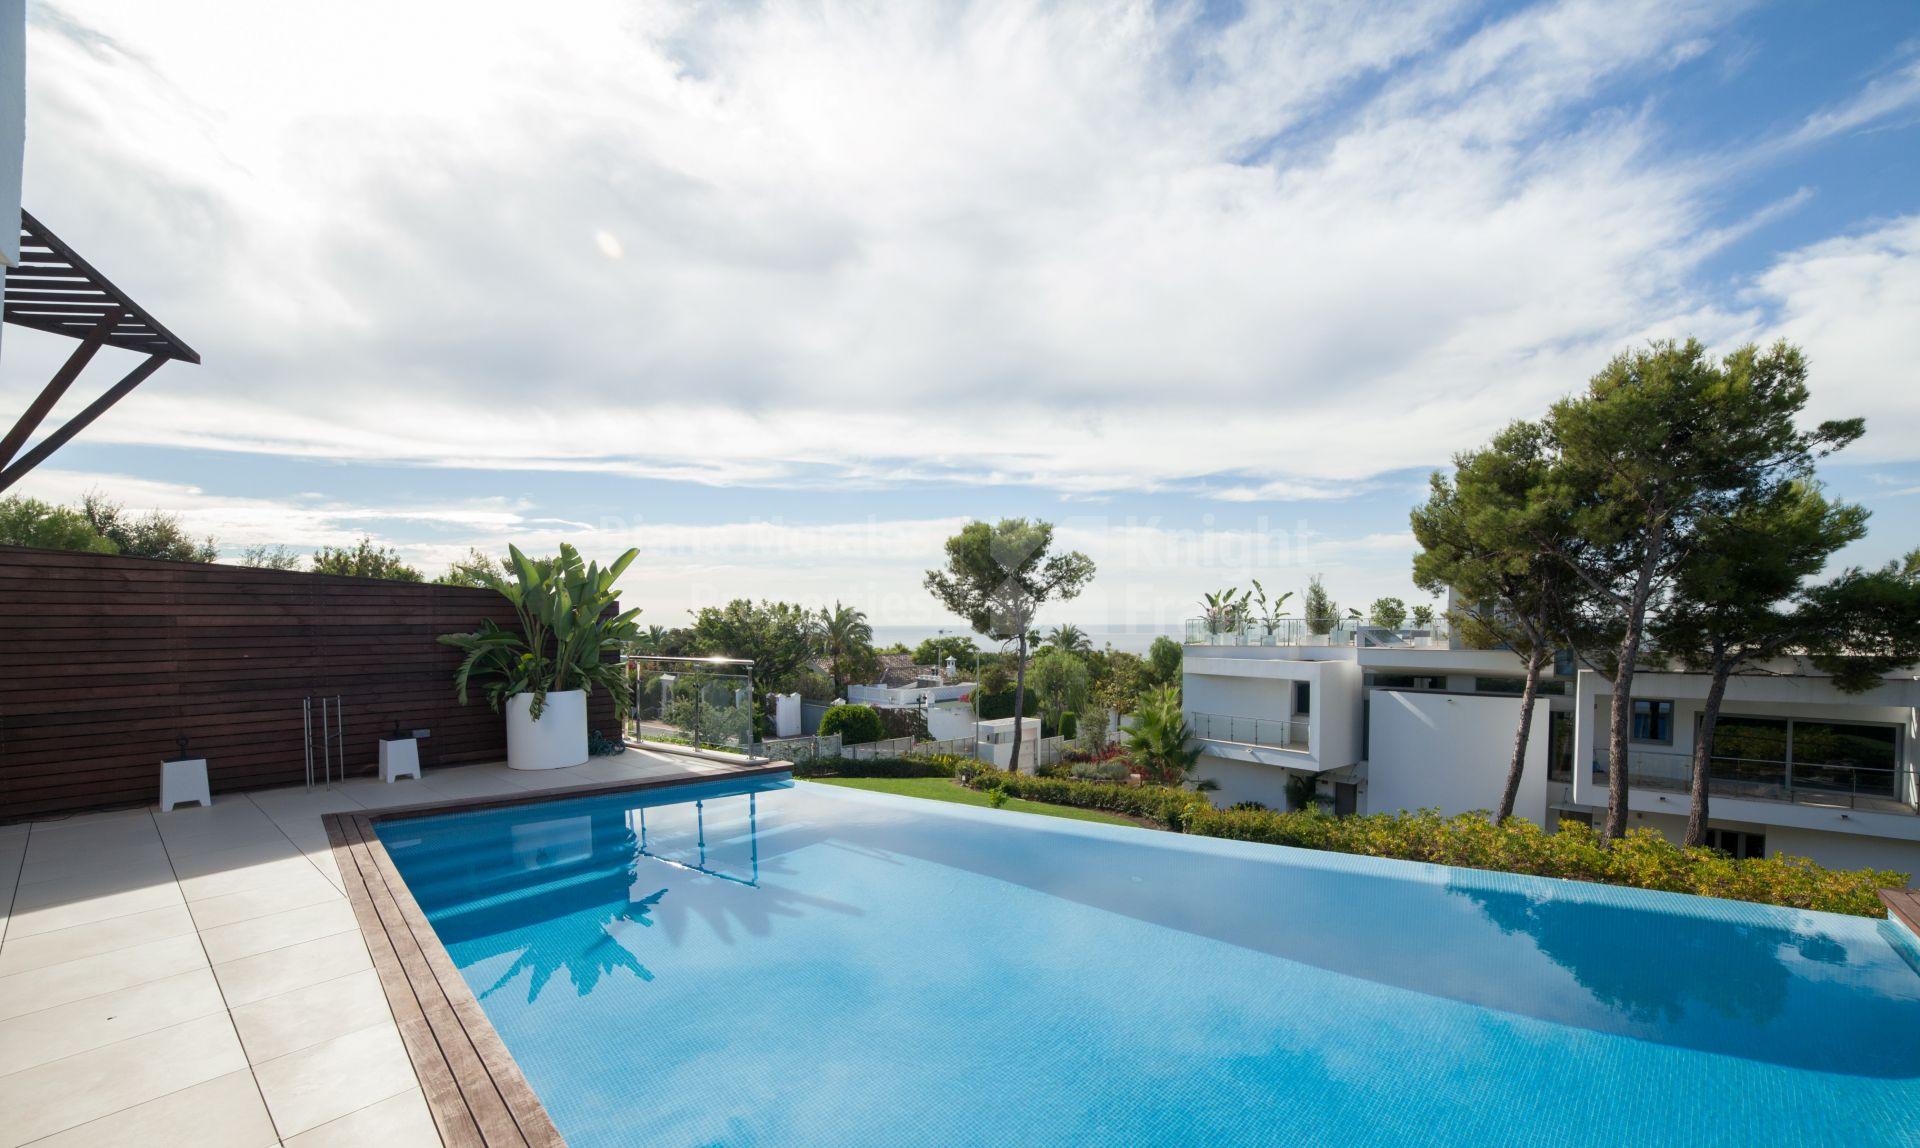 Villa pareada de estilo moderno en meisho hills adosado - Domotica marbella ...